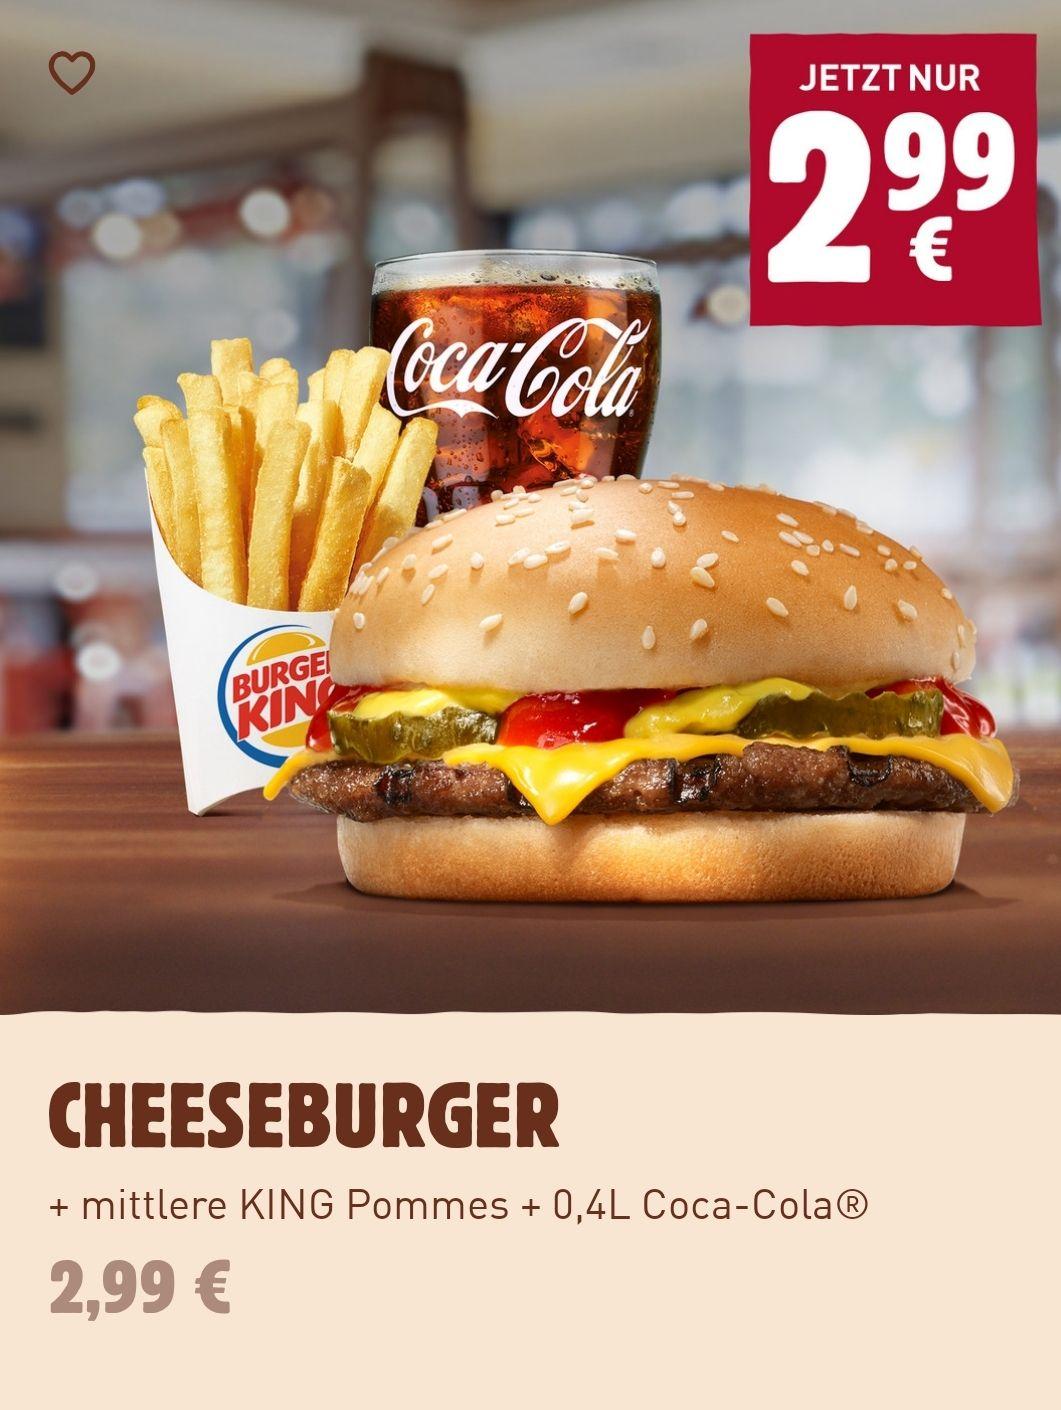 Cheeseburger + Mittlere Pommes + Getränk für 2,99€ (Burger King App)